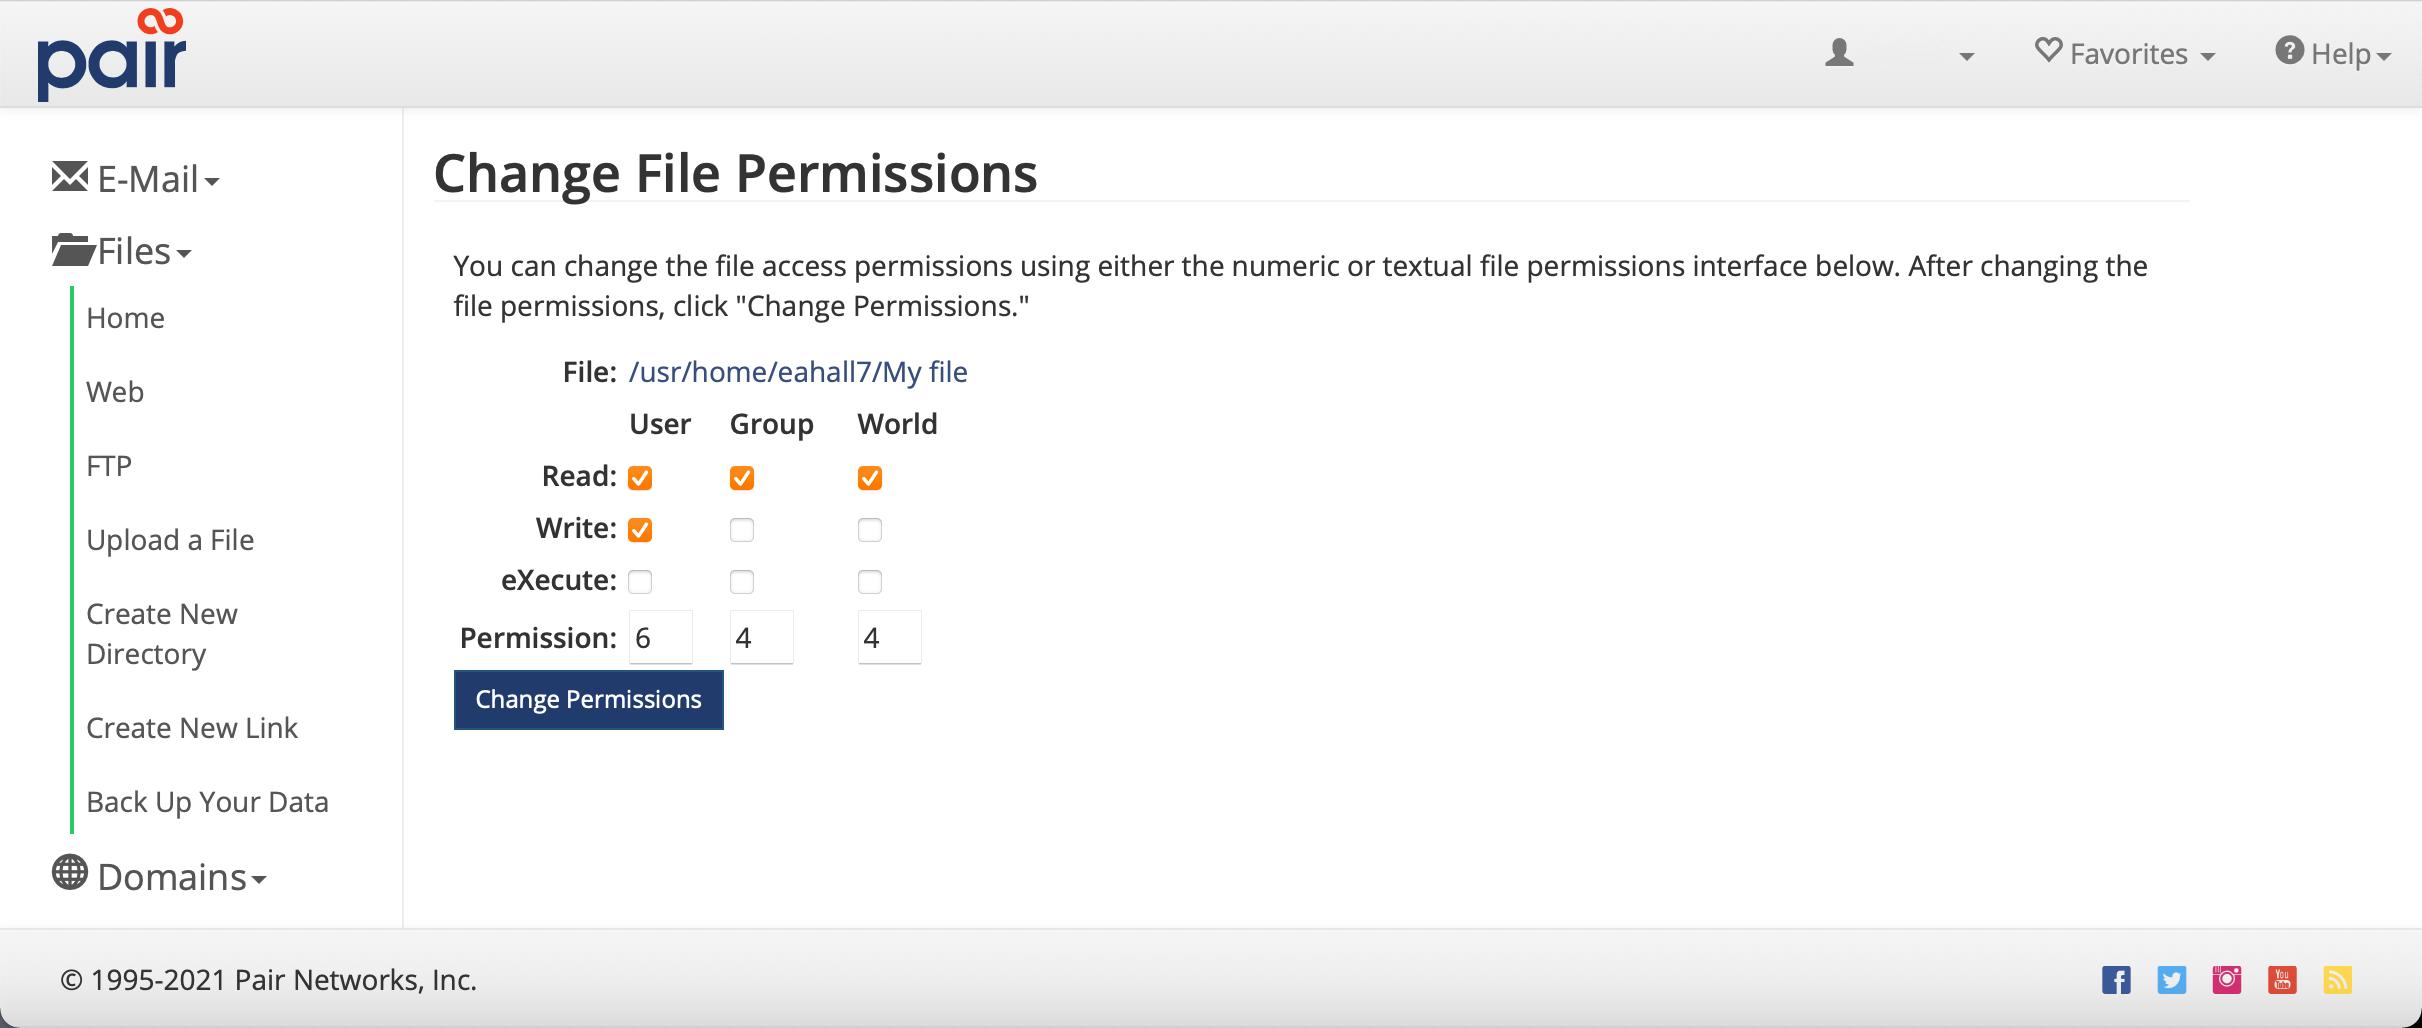 set permissions page image